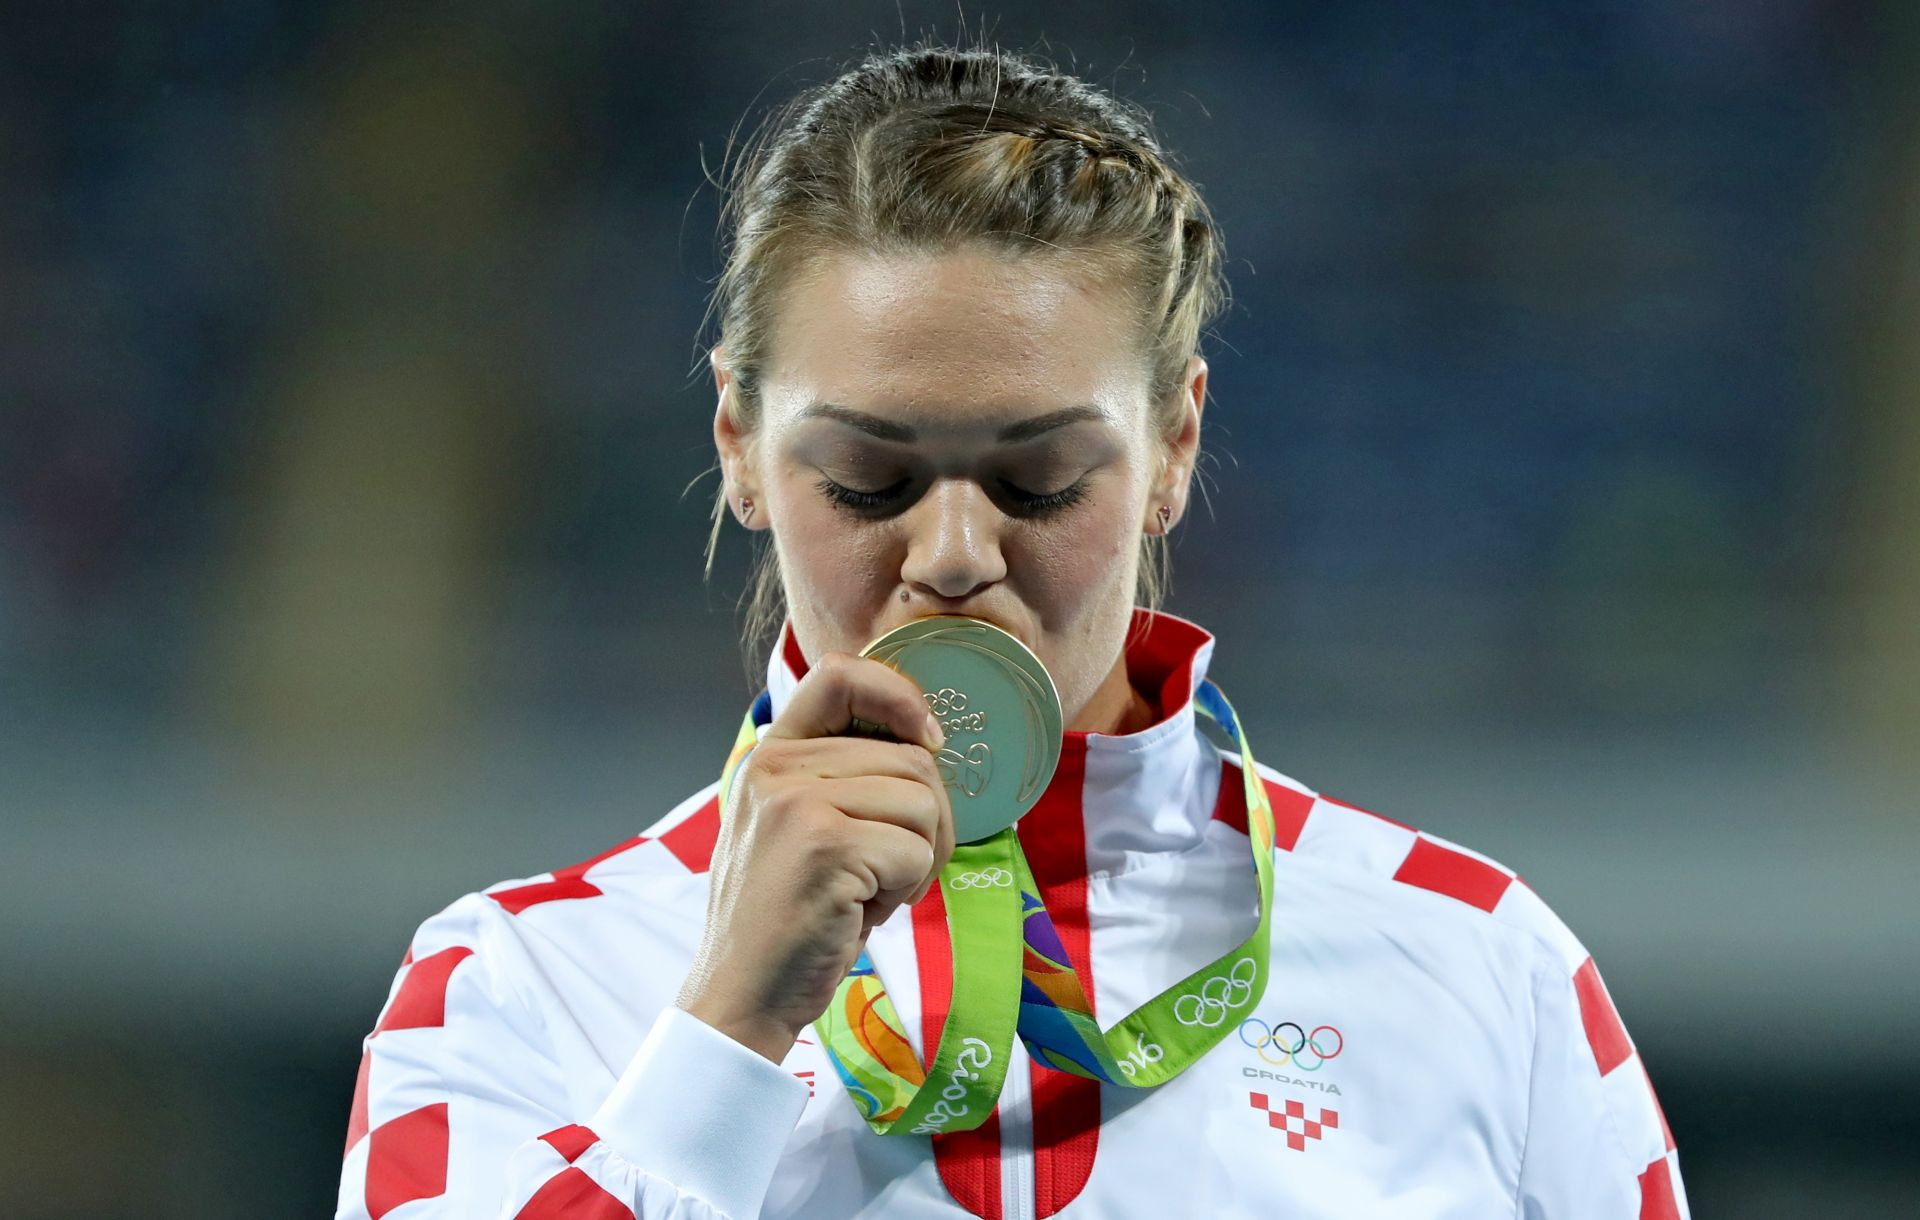 FOTO: SANDRA PRIMILA SVOJE ZLATO Perković druga diskašica u povijesti koja je obranila olimpijski naslov